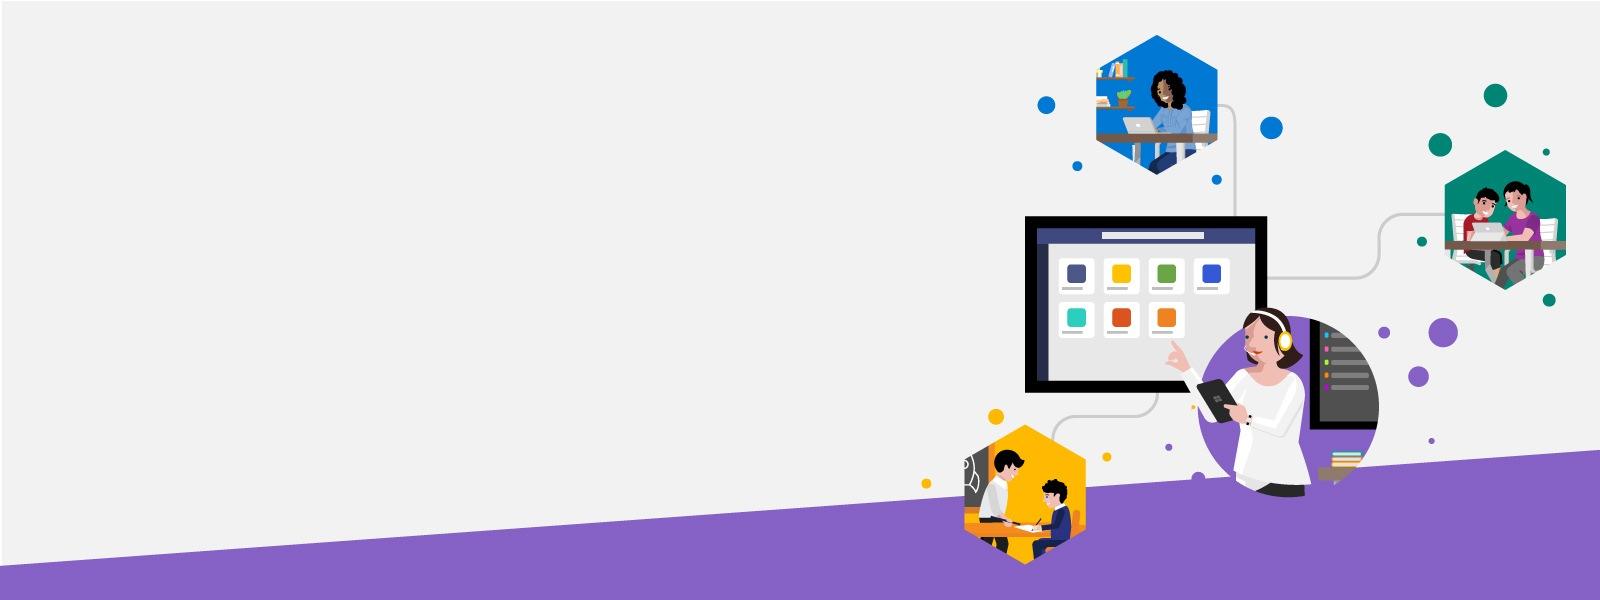 """Grauer Hintergrund mit der Beschriftung """"LearnEd – Online Weiterbilden"""" und Icons, die Lehrer, Schüler und Forscher vereinfacht darstellen."""